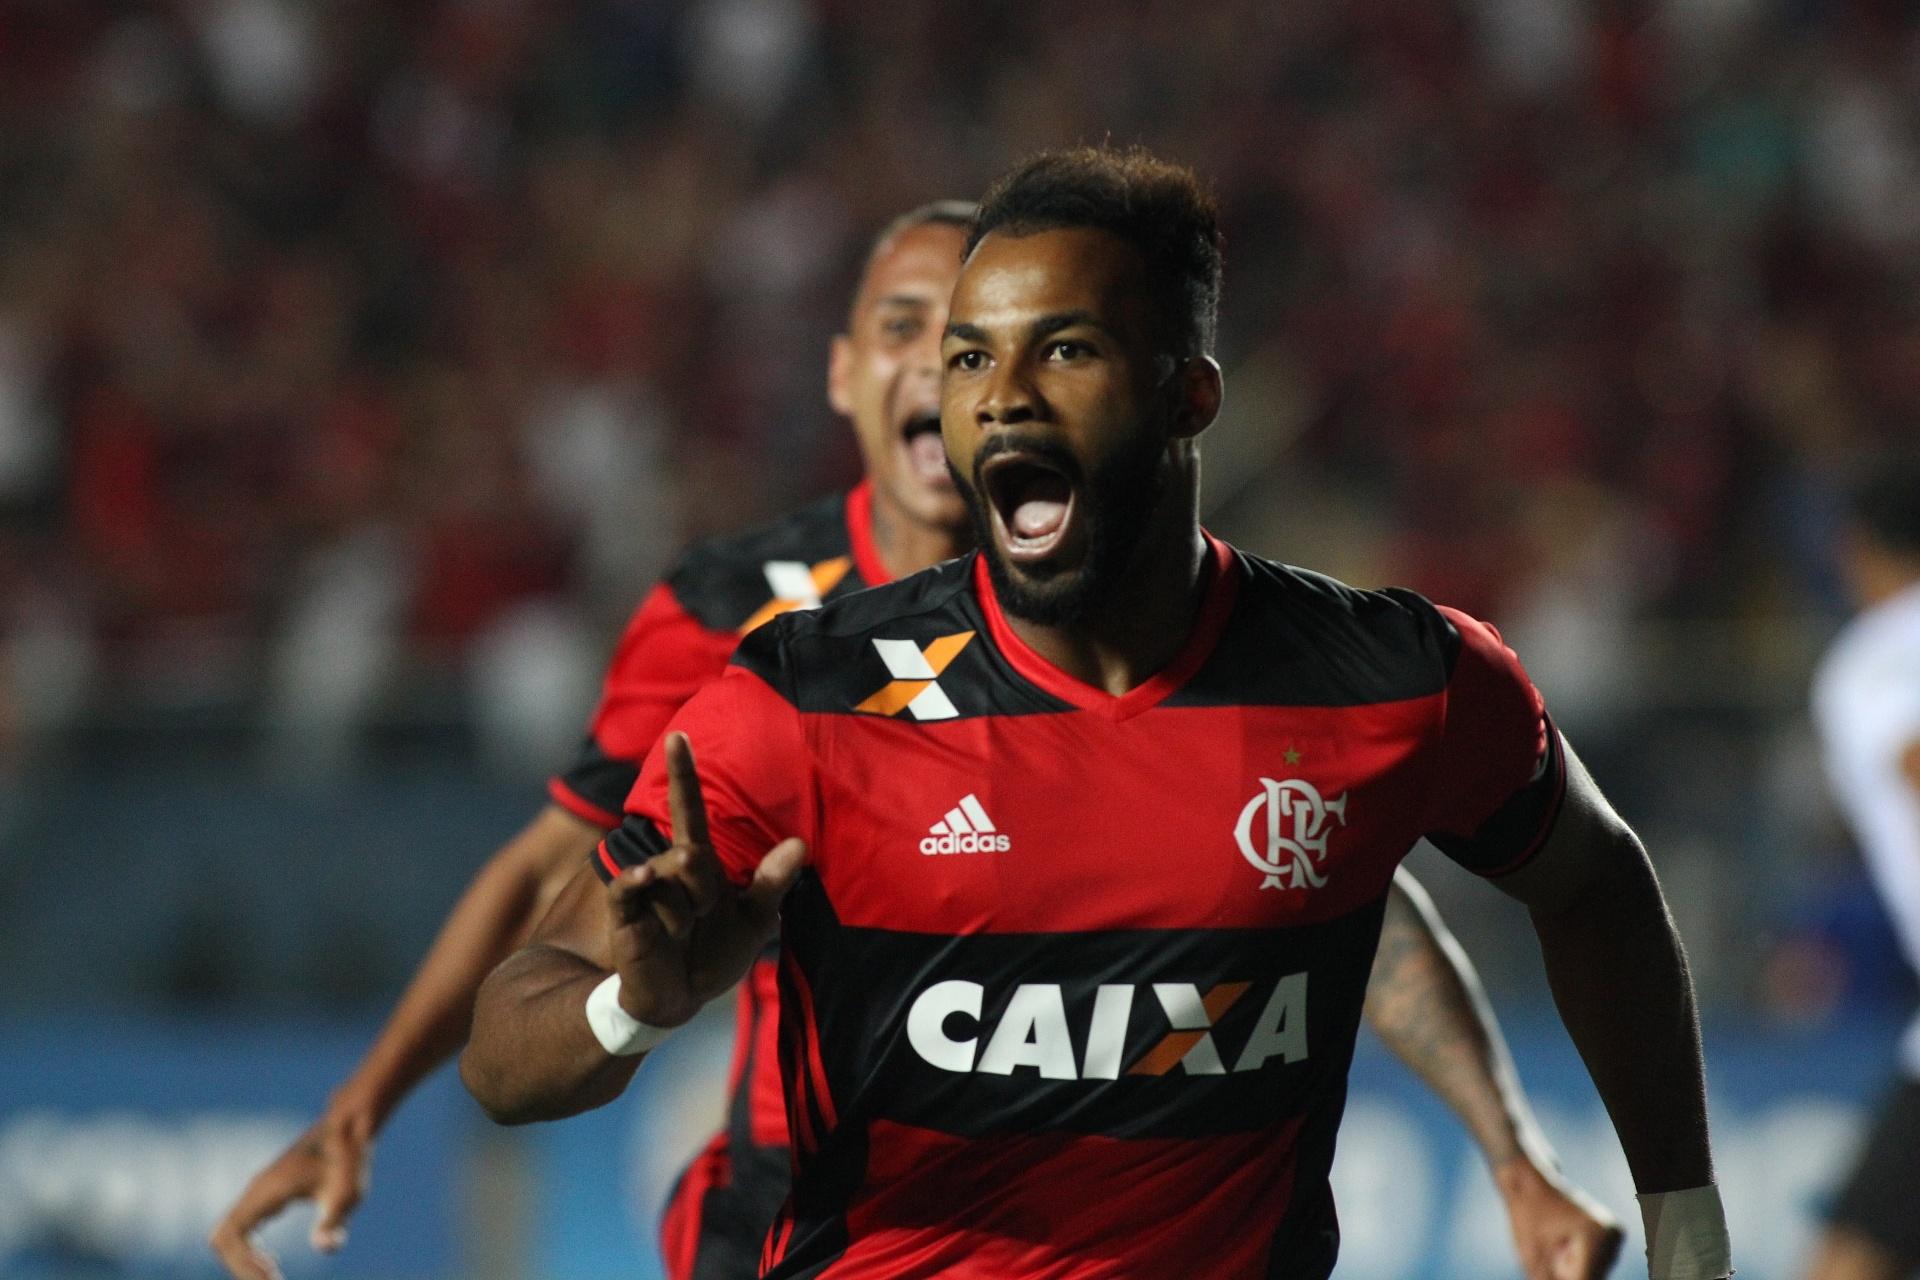 d483dfb216 Fernandinho treina com titulares em dia de retorno de Vizeu ao Flamengo -  05 10 2016 - UOL Esporte